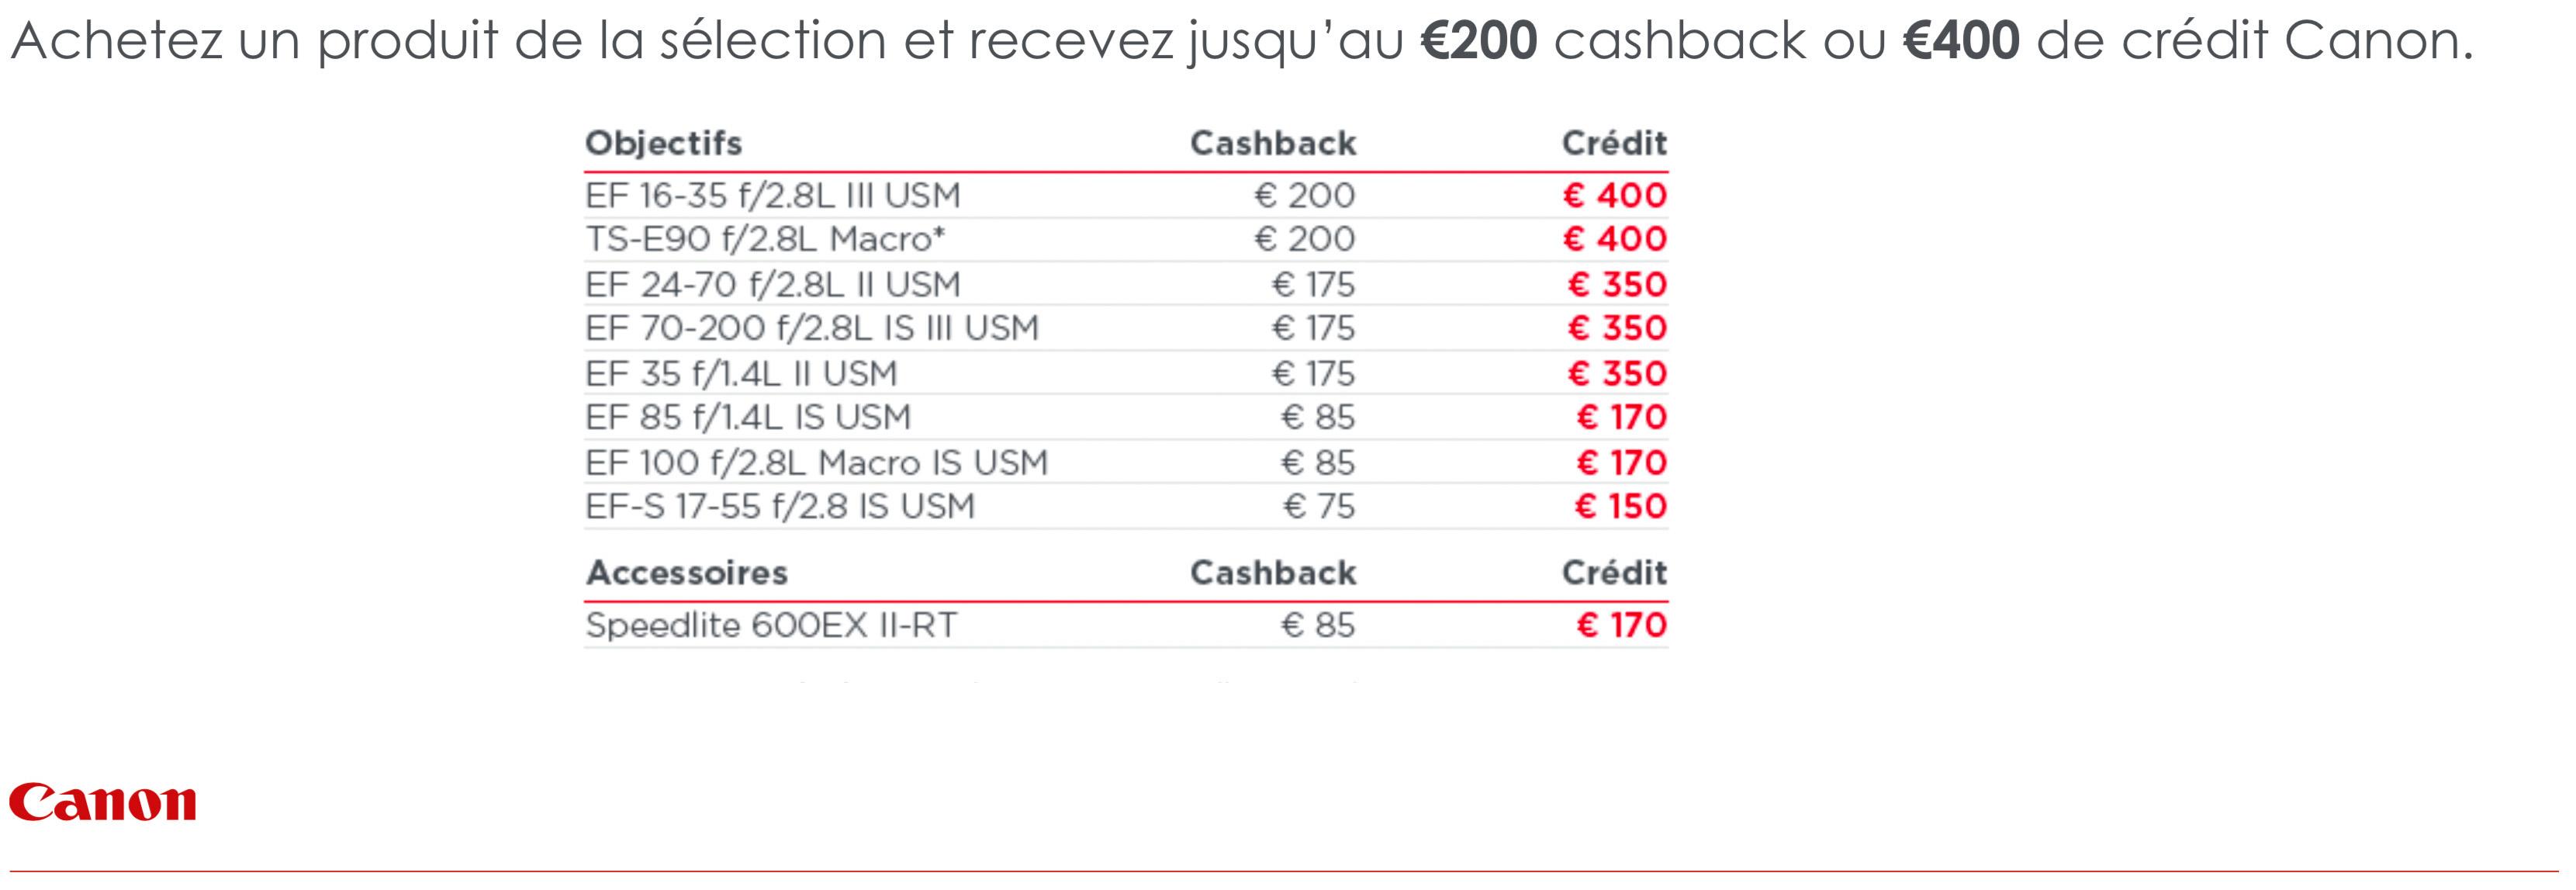 Crédit & cashback Optique pro Canon